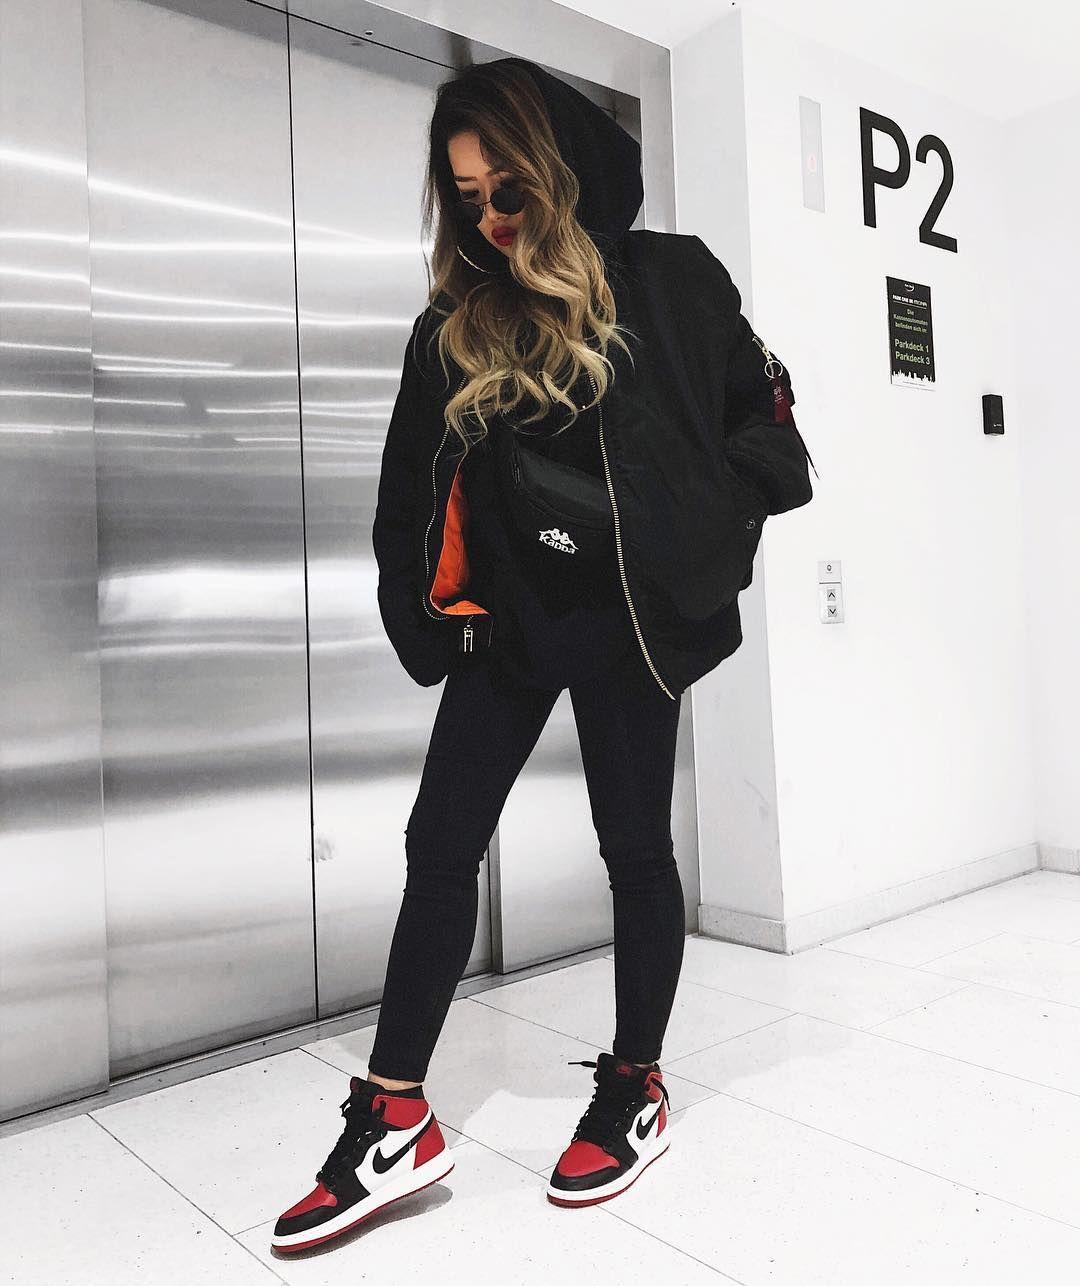 Cooles Streetwear Outfit für Frauen! All Black Look und dazu